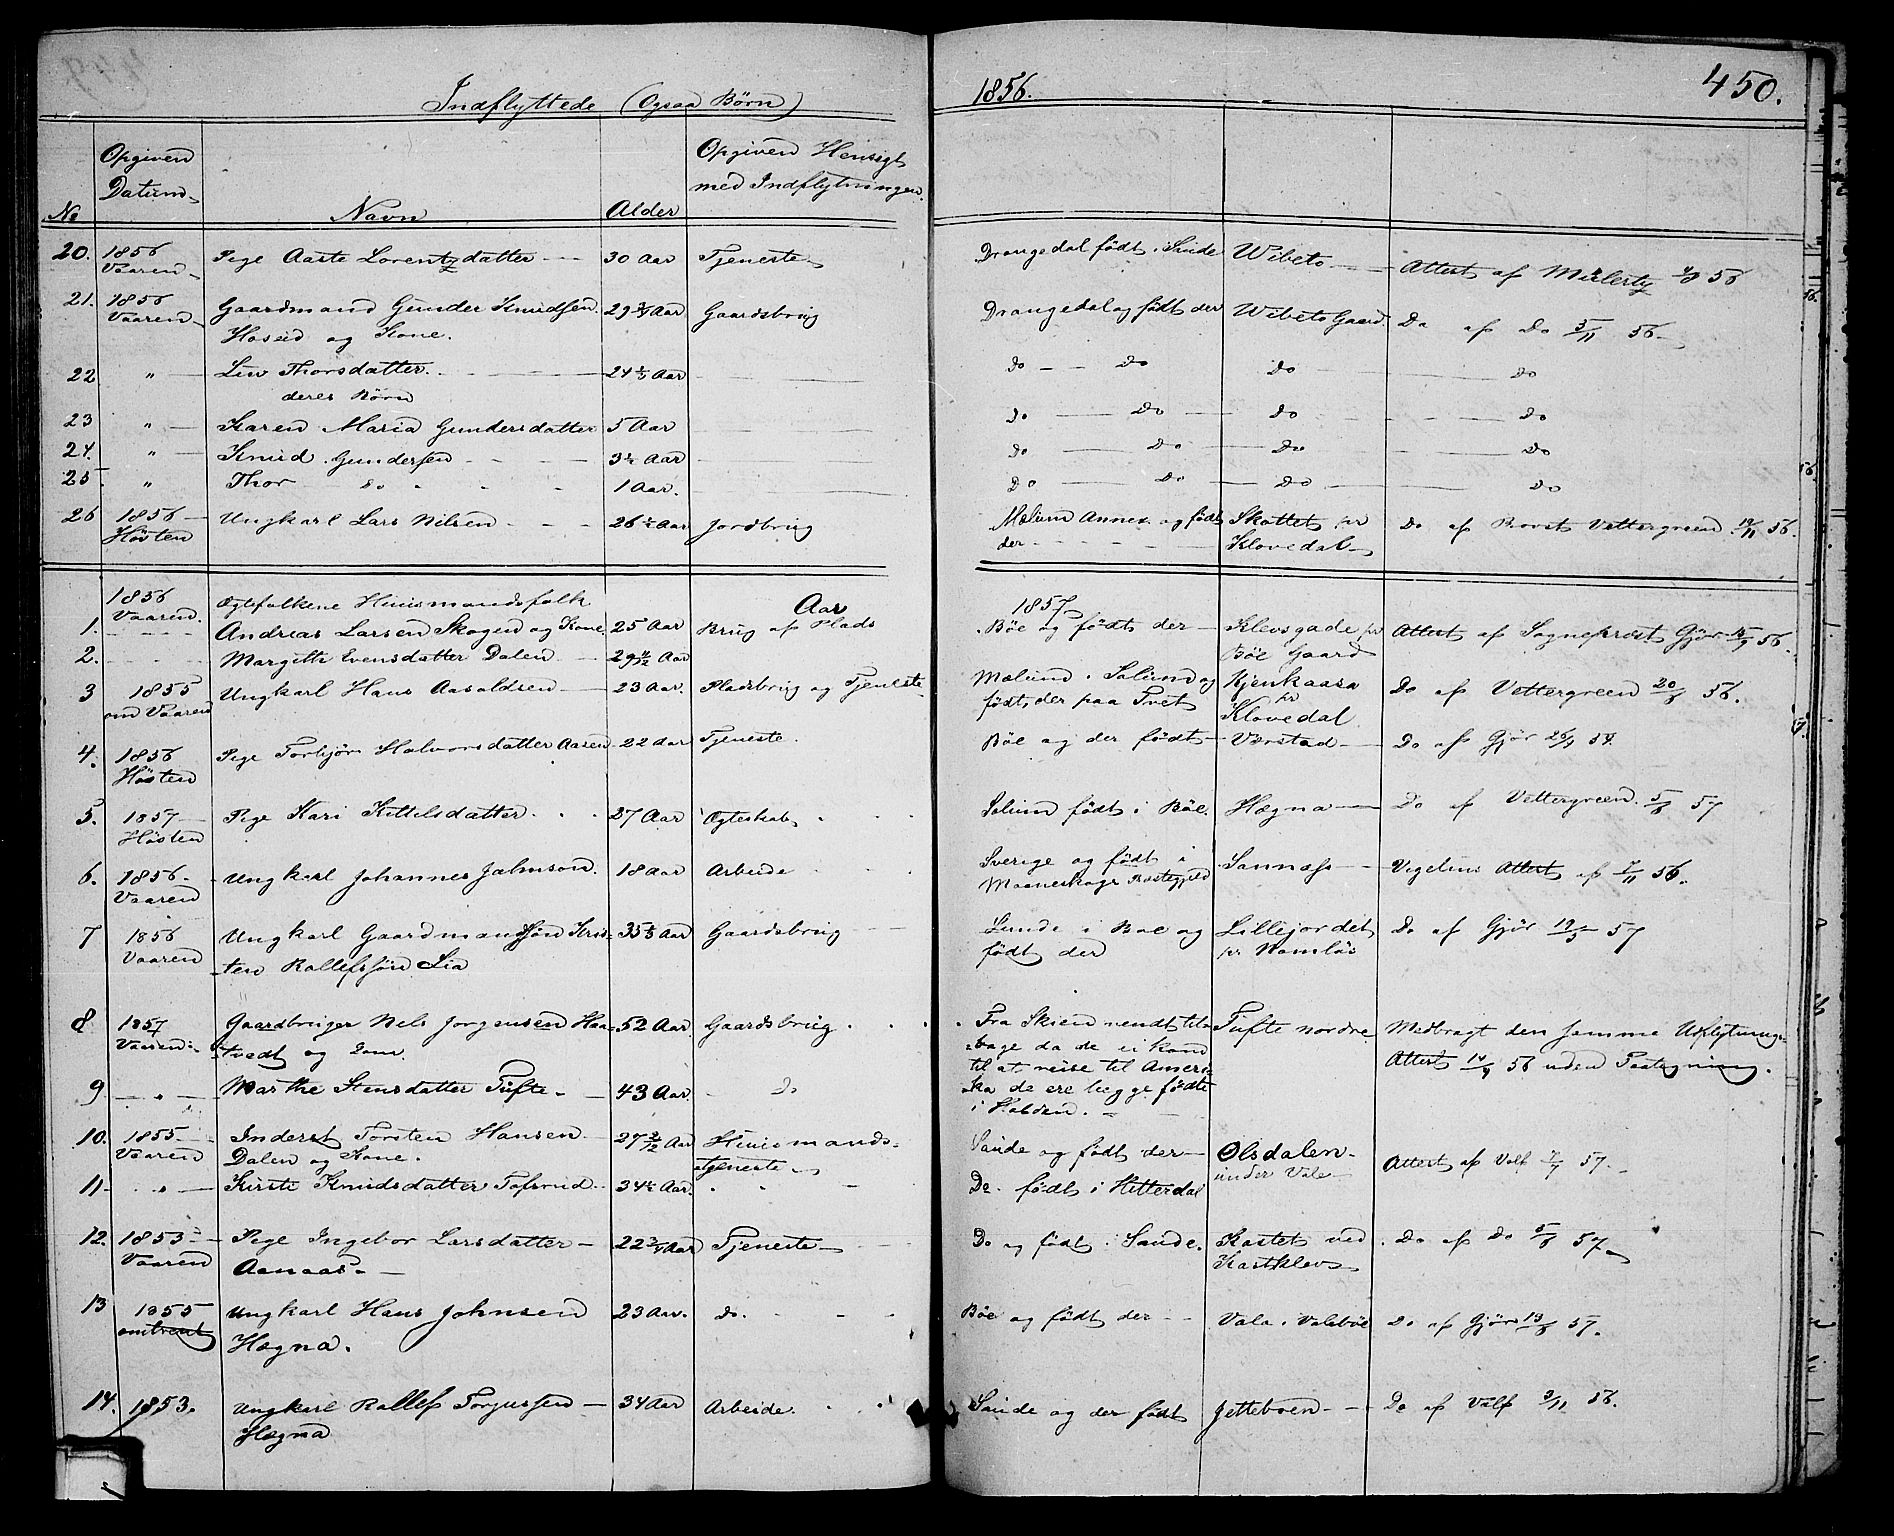 SAKO, Holla kirkebøker, G/Ga/L0003: Klokkerbok nr. I 3, 1849-1866, s. 450